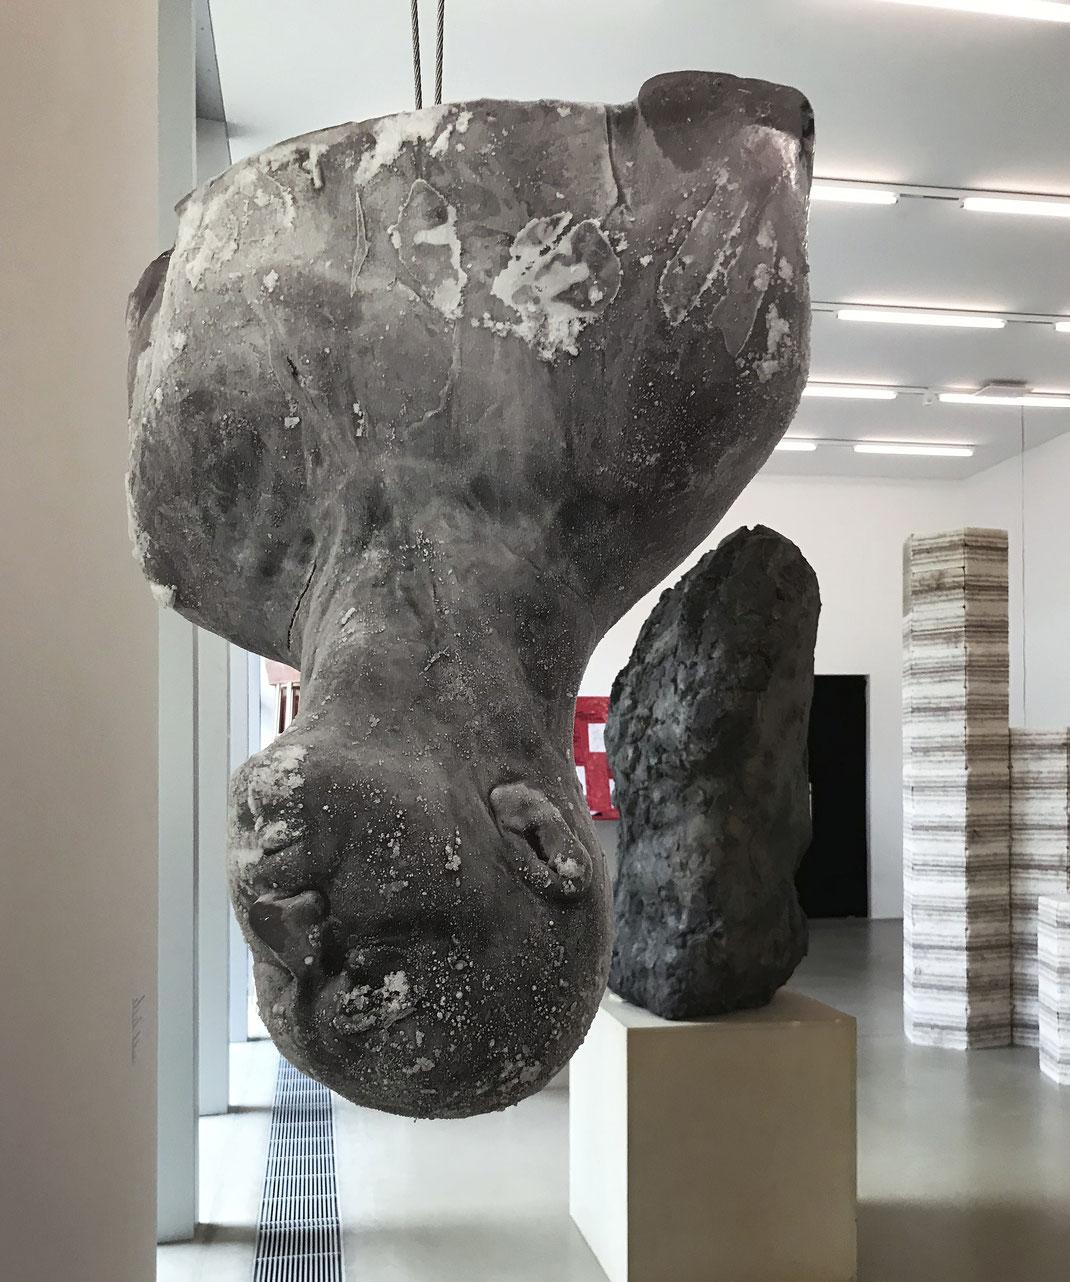 Aargauer-Kunsthaus-Schweizer-Skulptur-seit-1945-kuratiert-von-Peter-Fischer